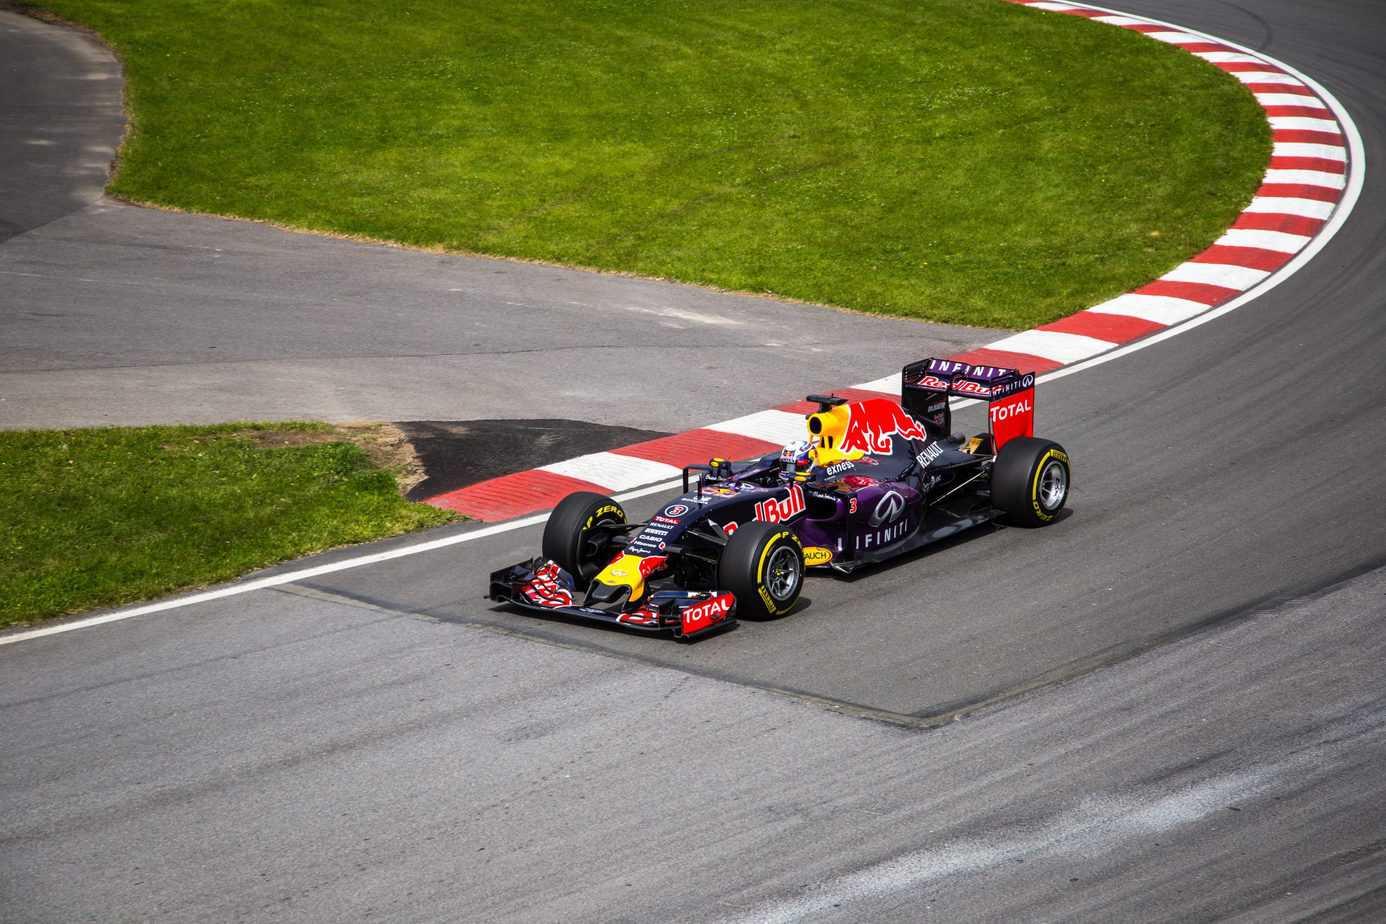 Wraca propozycja odwróconej kolejności startowej na torze F1. Winowajcą Pierre Gasly